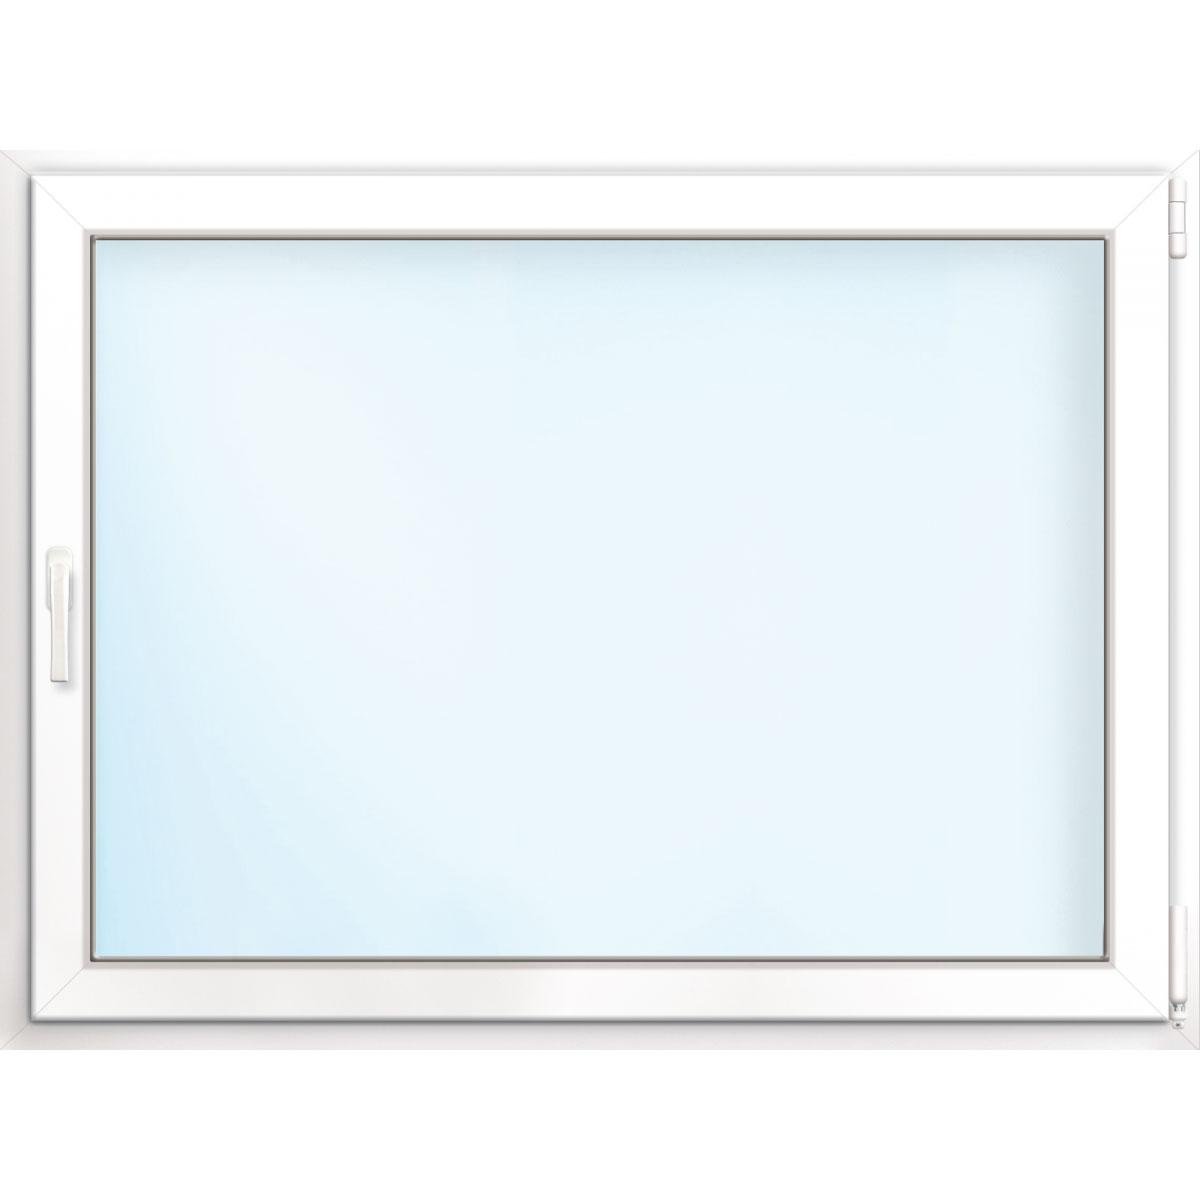 Fenster PVC 70/3 weiß/weiß Anschlag rechts 90x50 cm